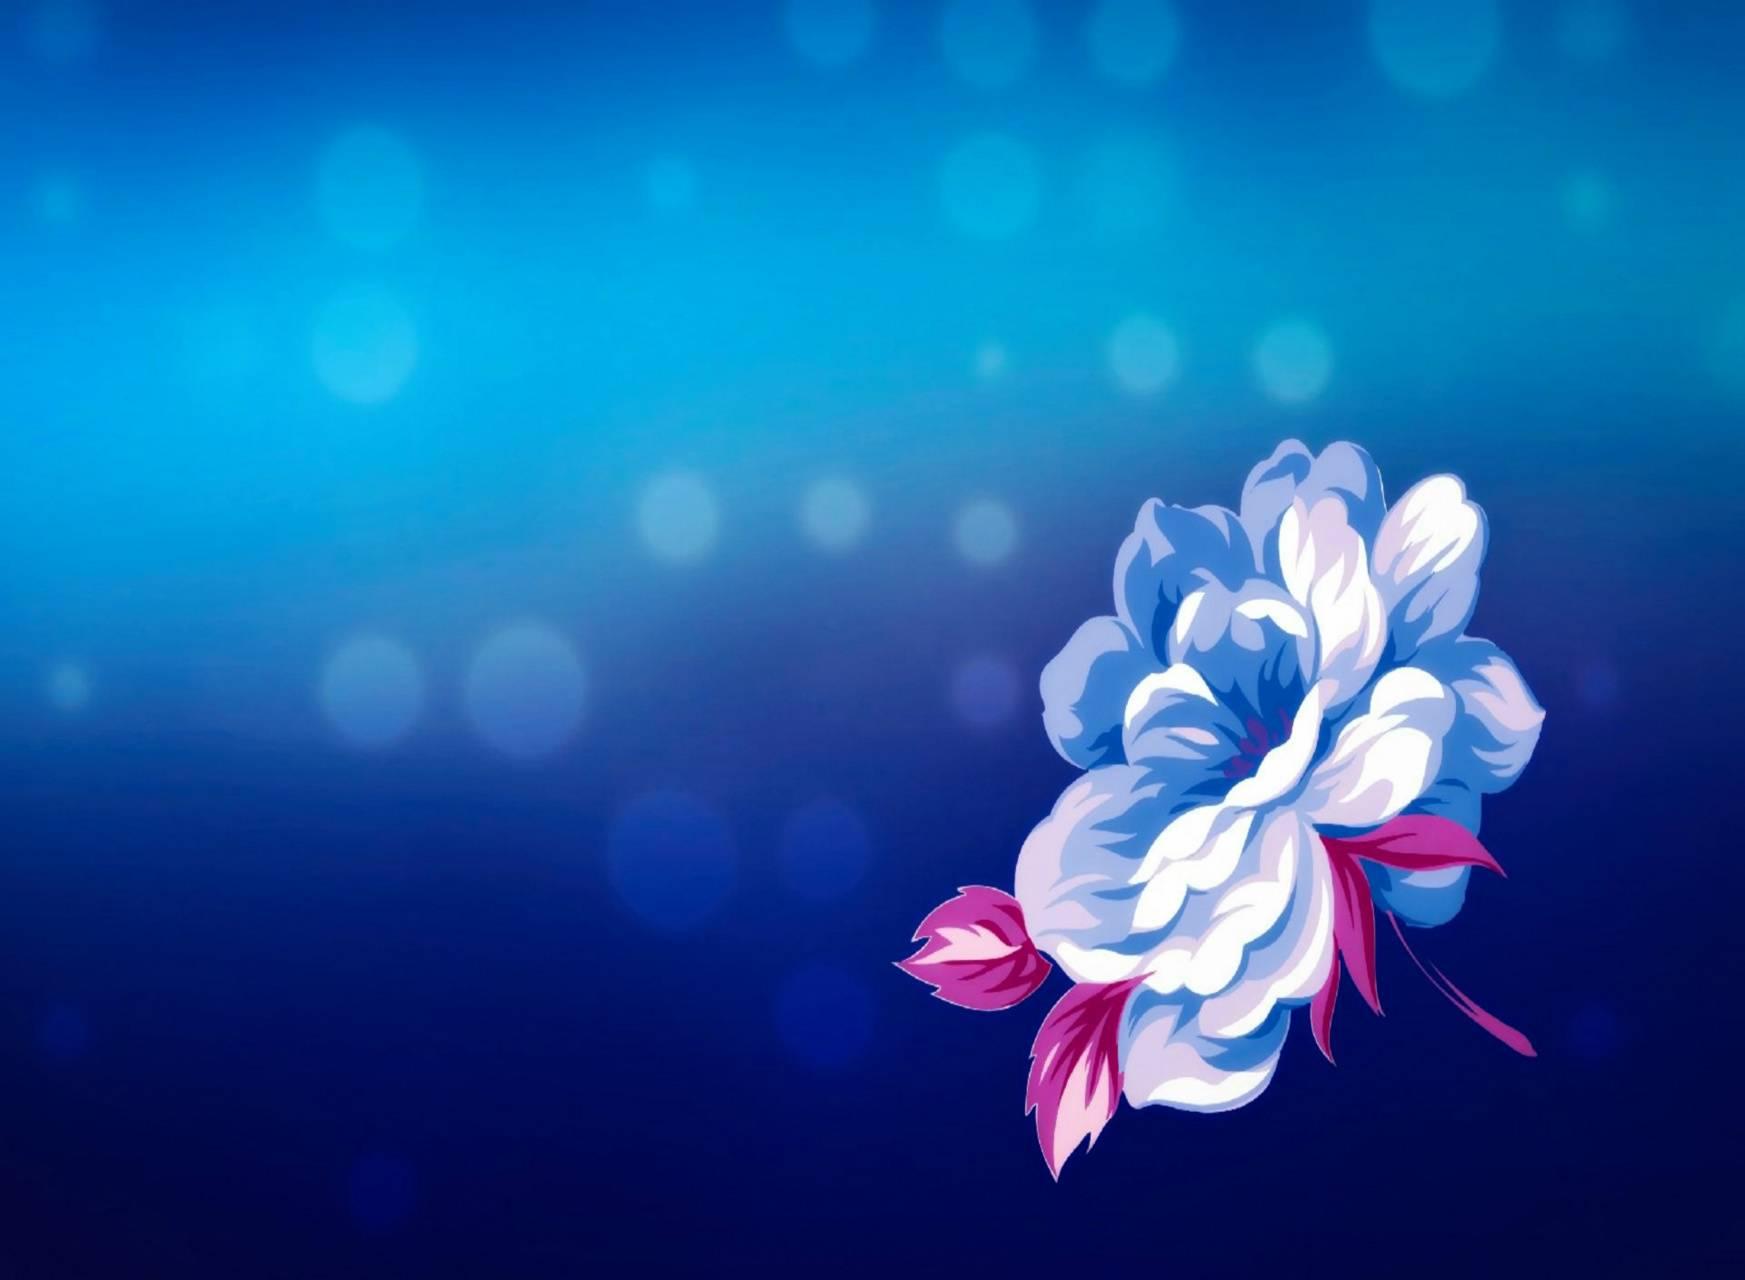 hd blue flower